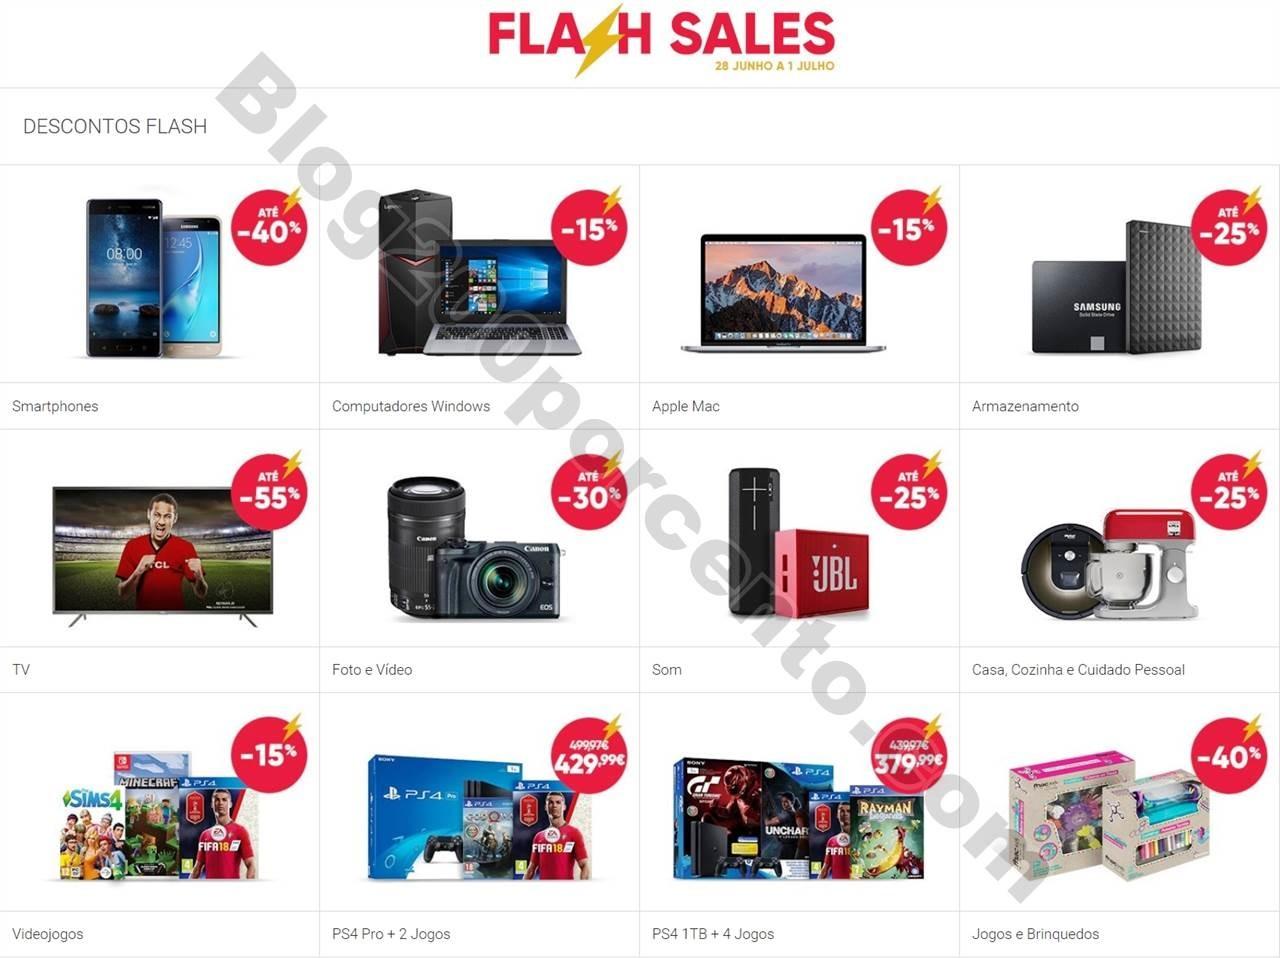 flash_sales_28junho.jpg